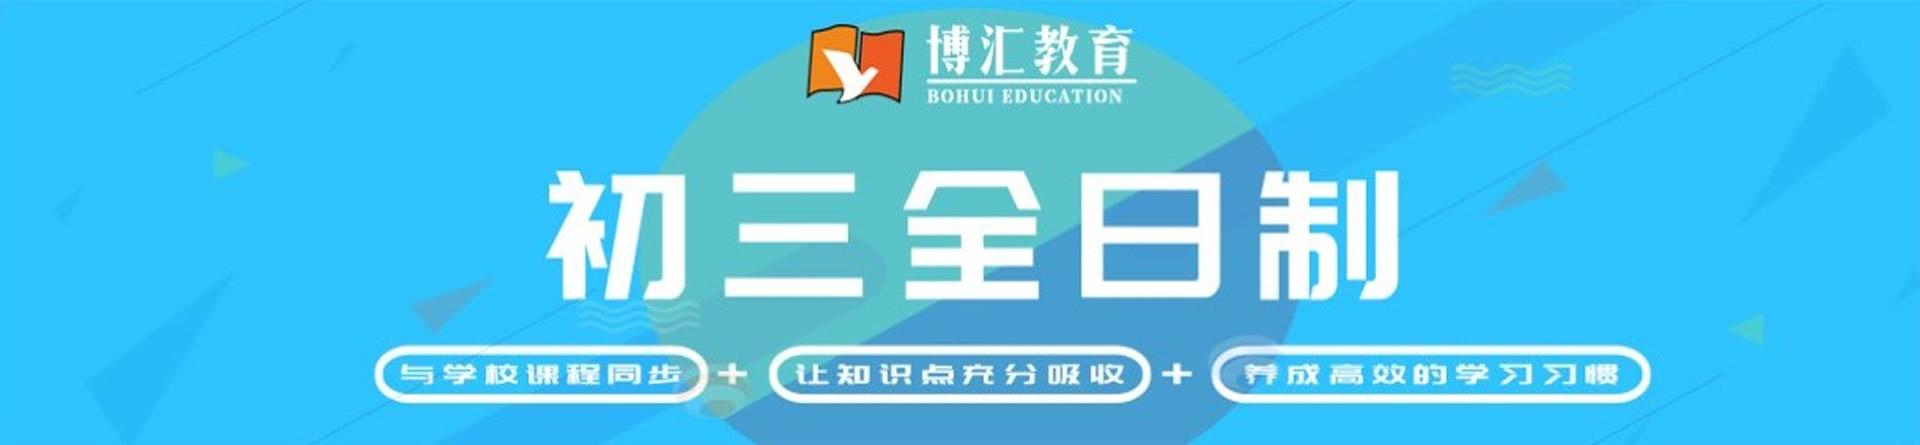 郑州博汇教育